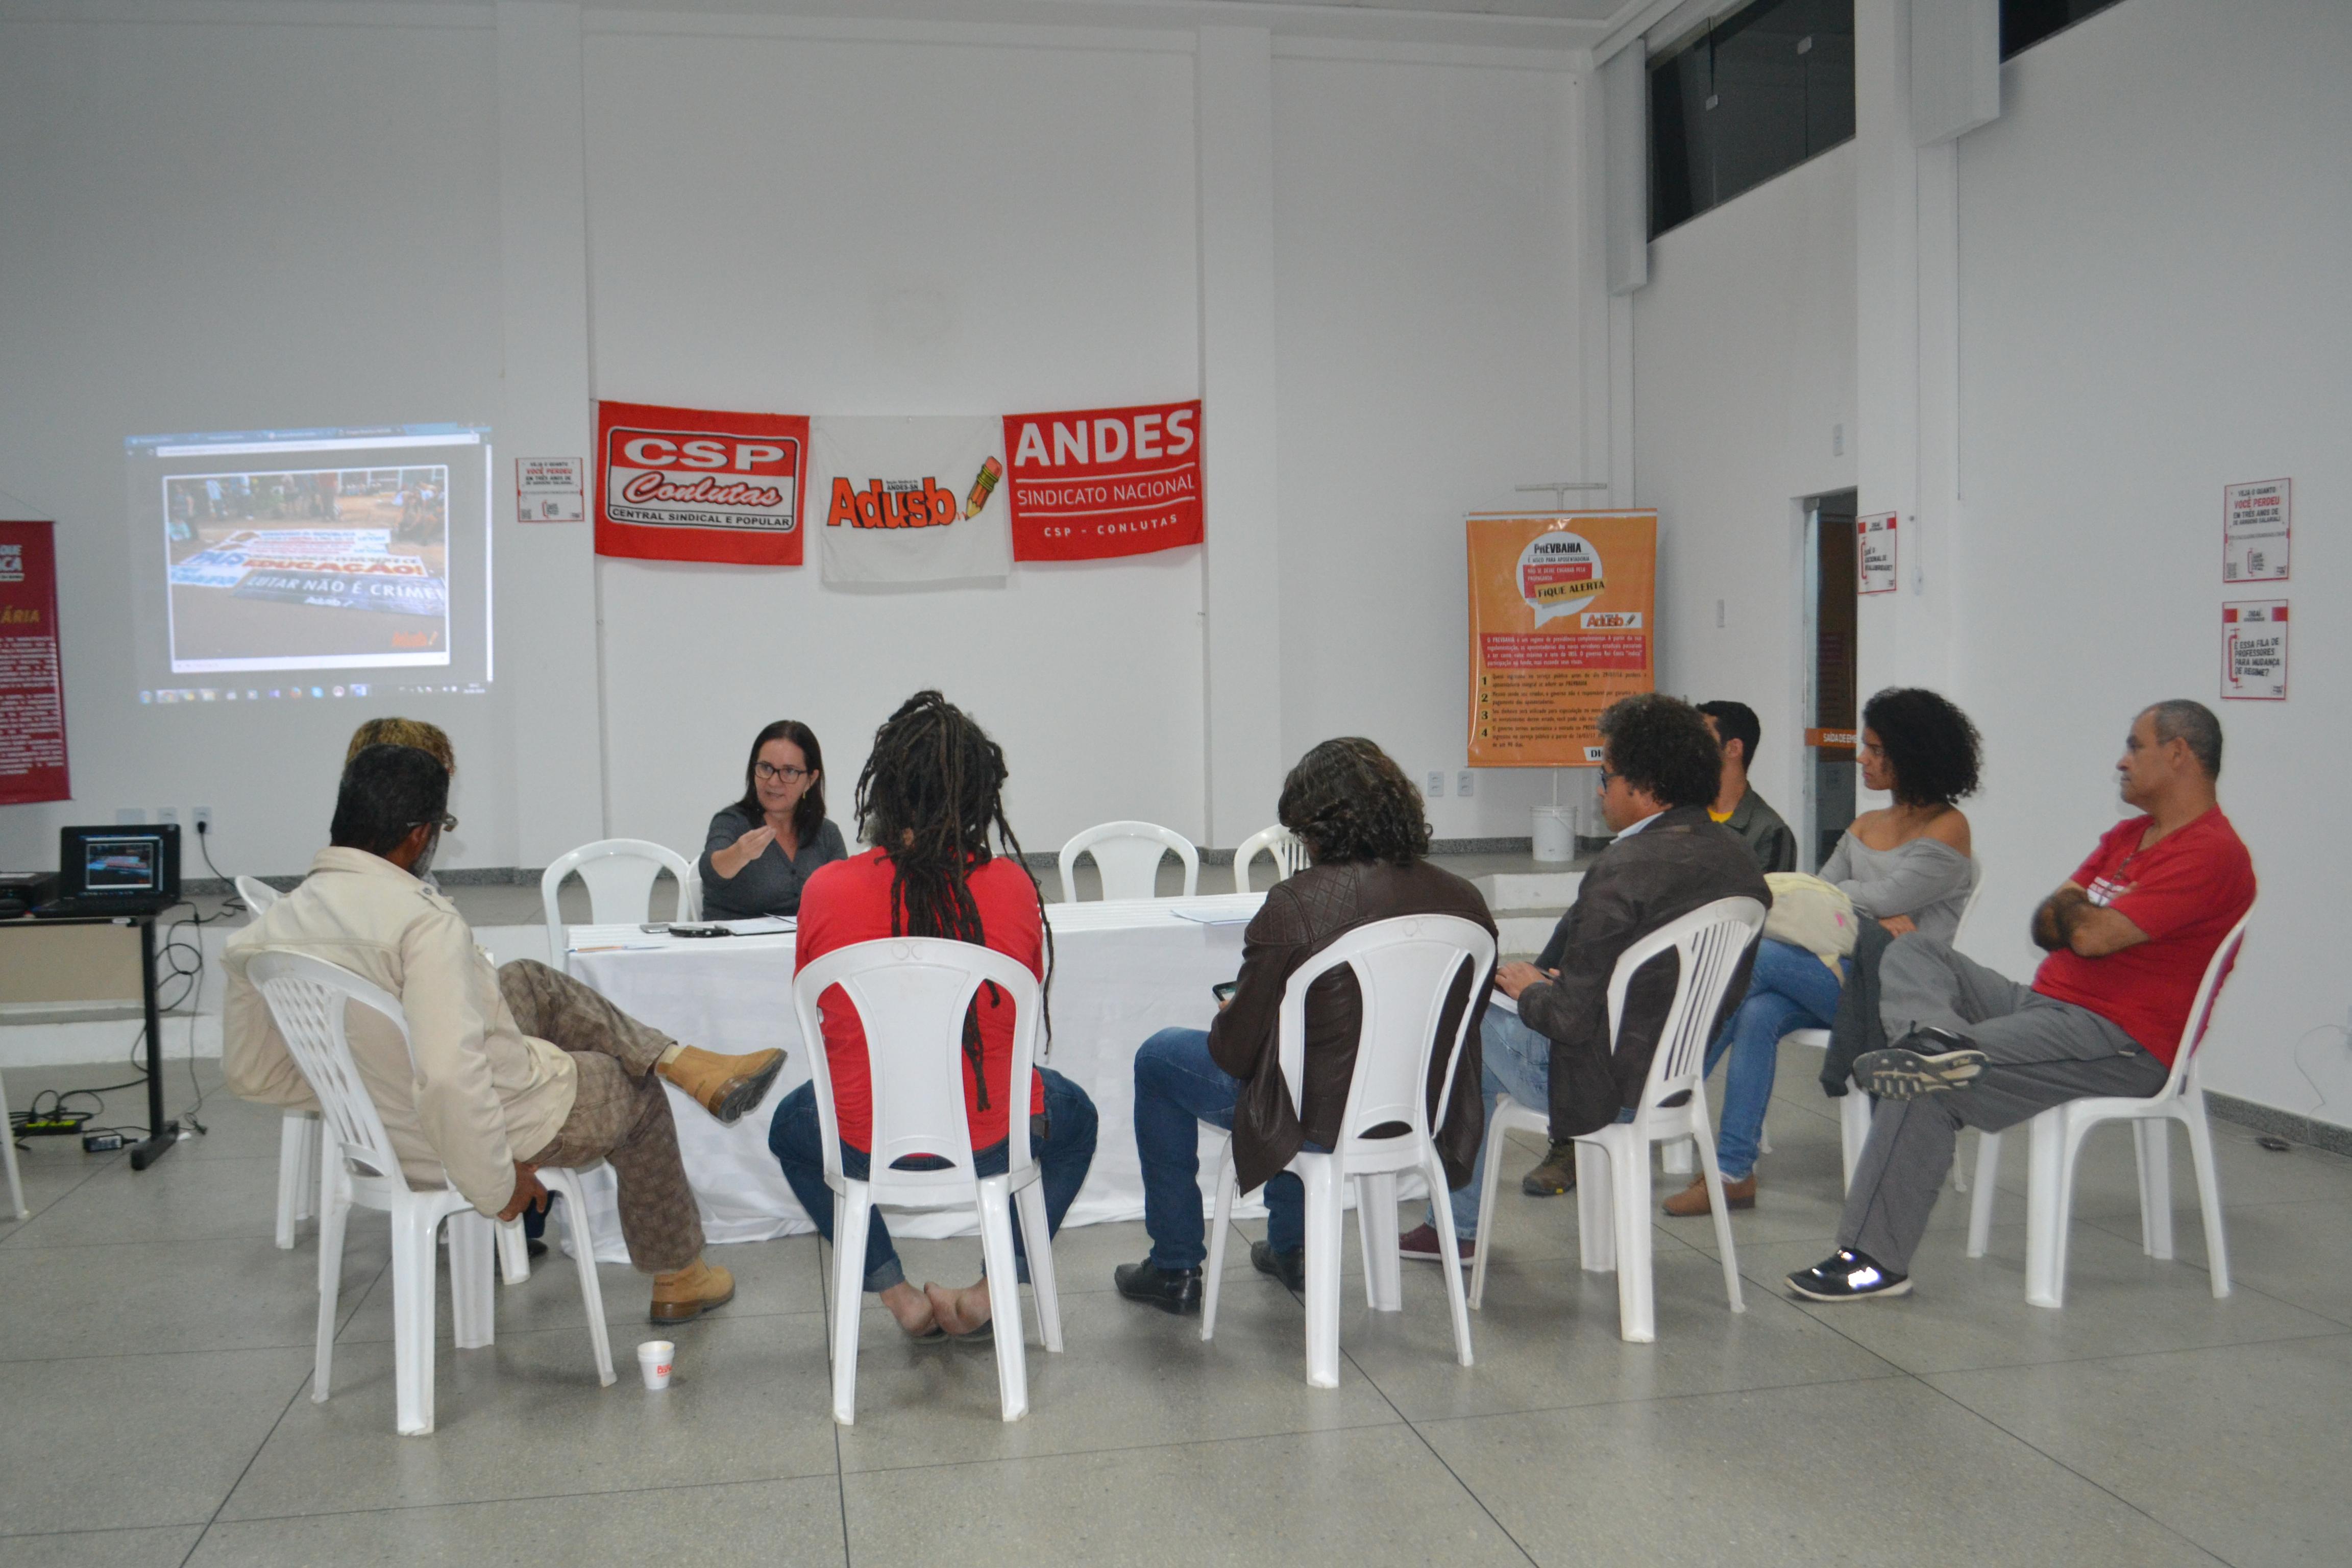 Comitê Local em Defesa da Educação Pública é constituído em Vitória da Conquista